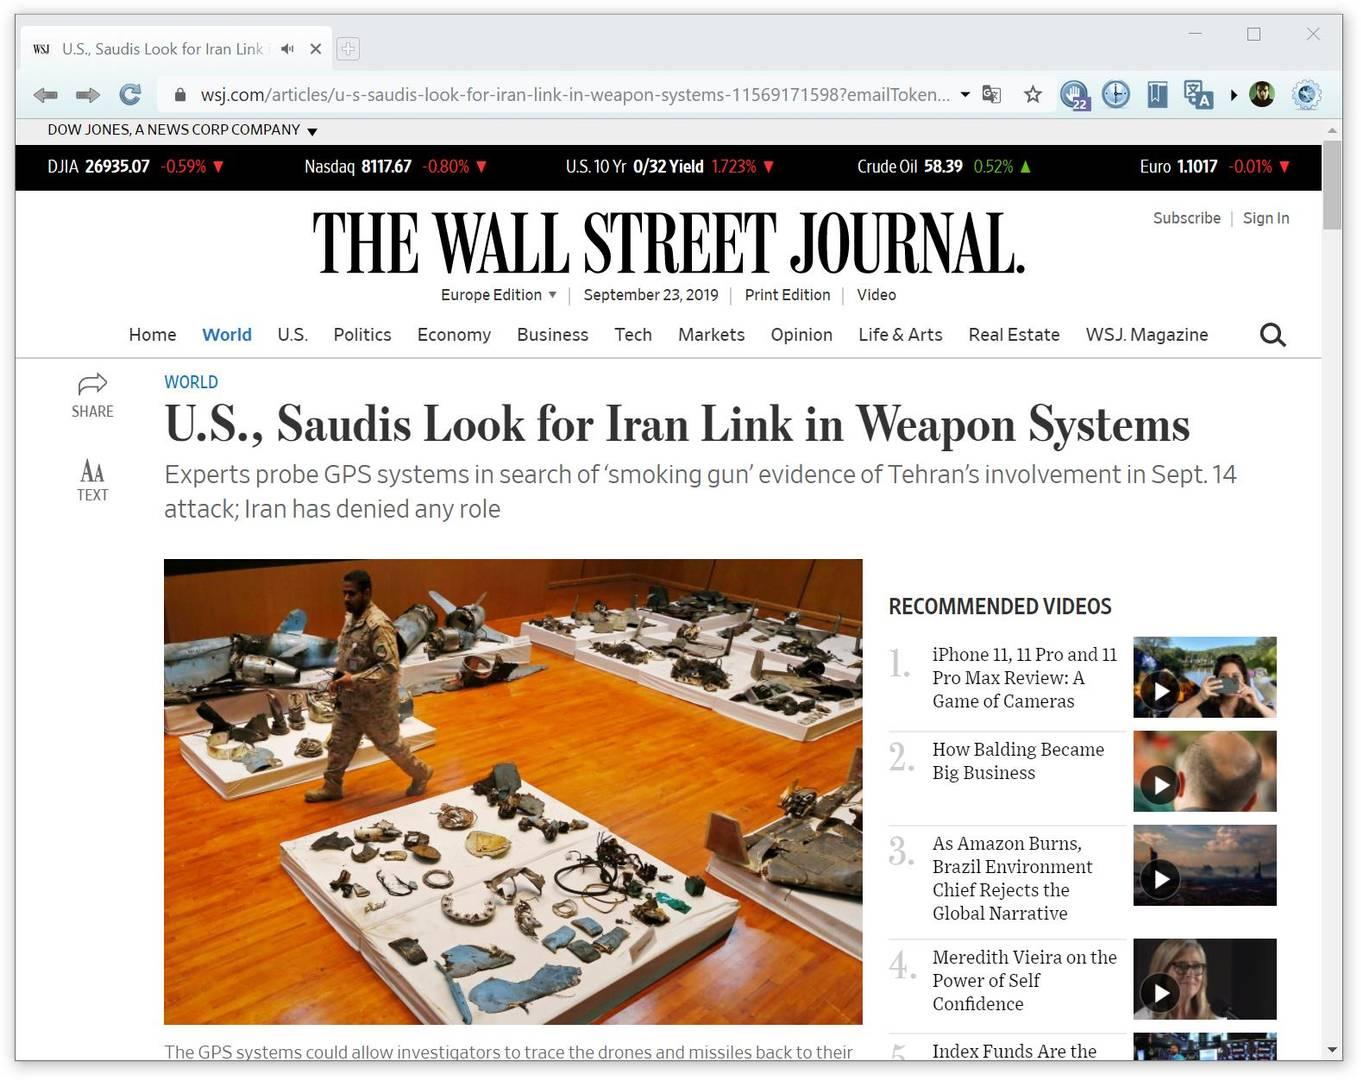 «Специалисты-оружейники со всего мира, включая США, Францию и ООН, осматривают системы GPS, обнаруженные после ракетного и беспилотного удара с целью выявить места их запуска»